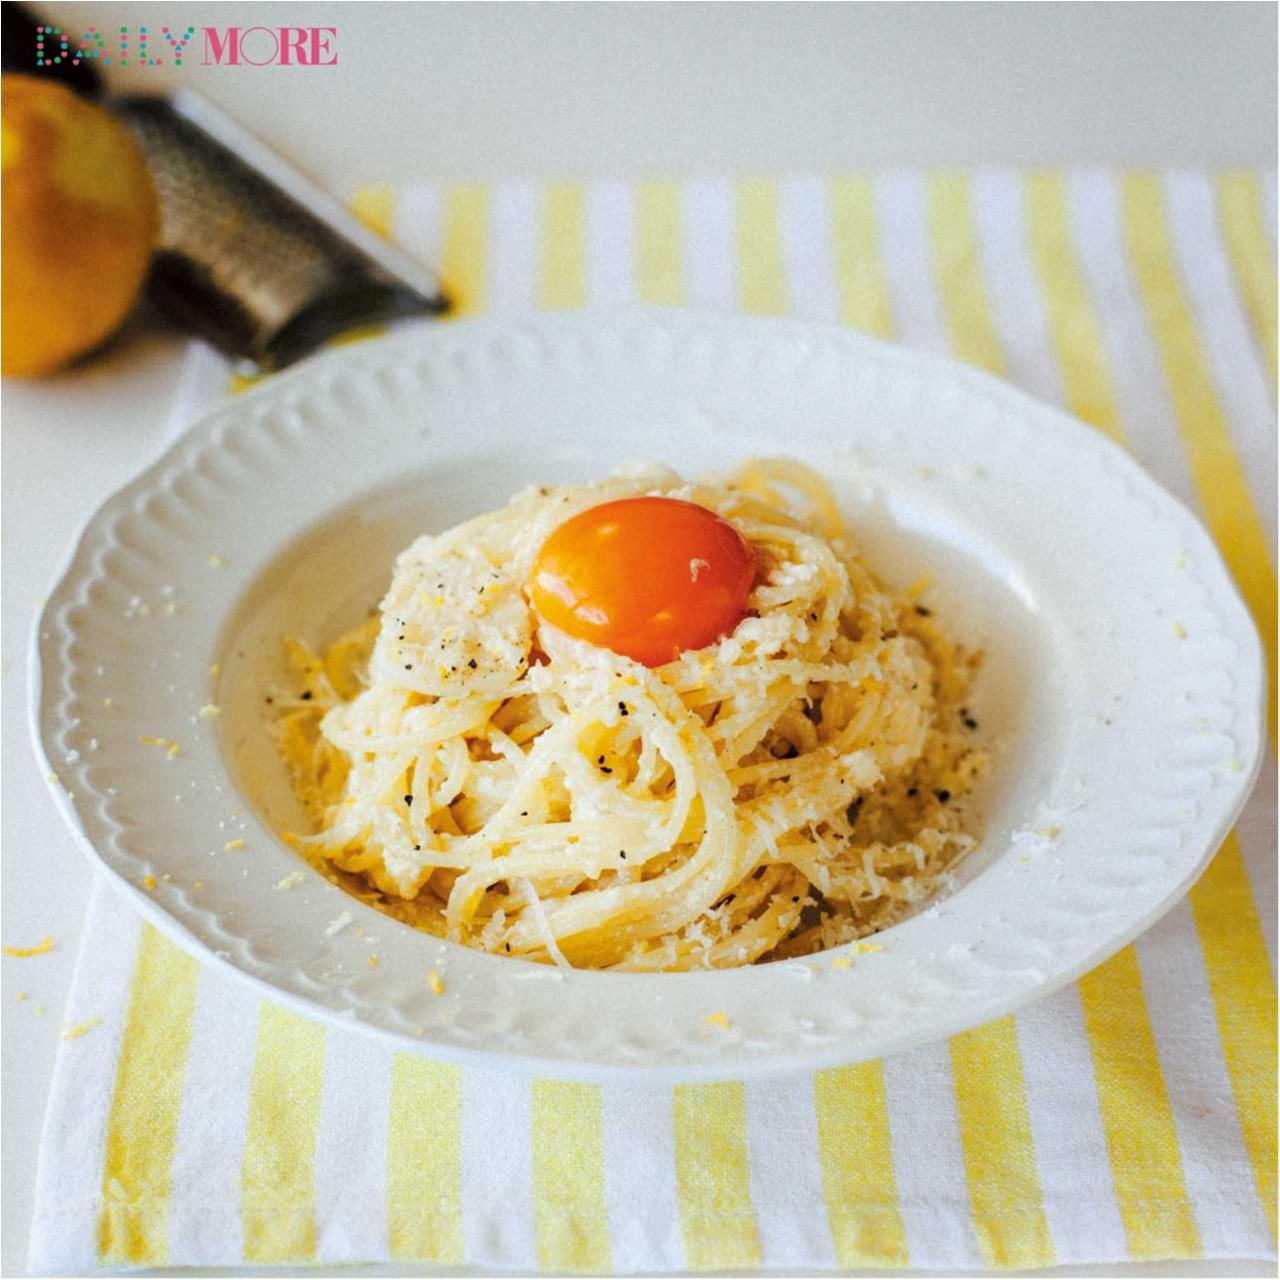 卵とレモンのイエローが食欲をそそる♡  男子が本当に喜ぶ「レモンの香りのカルボナーラ」の作り方【最強パスタレシピ】_1